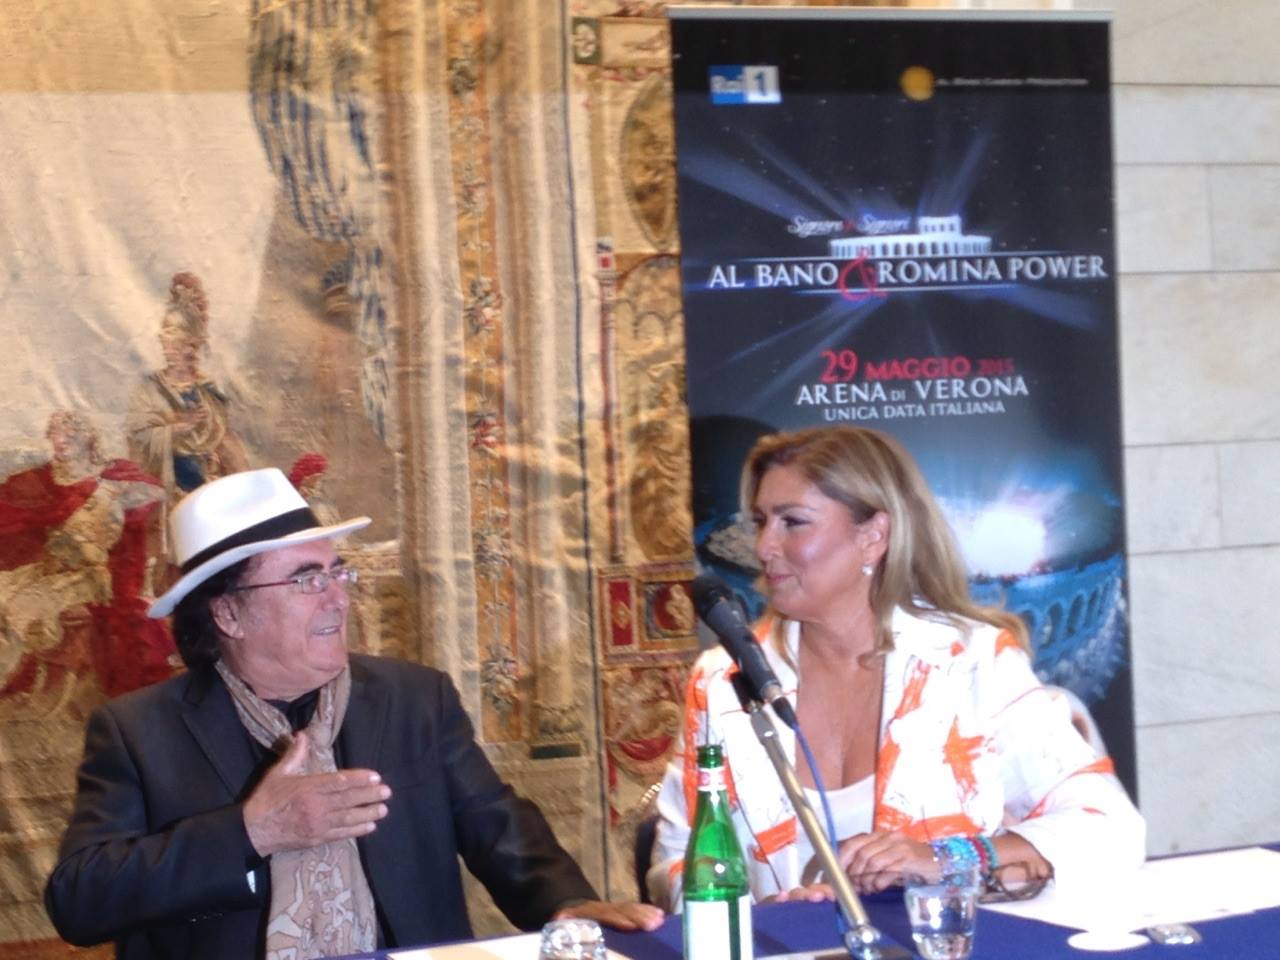 Signore e Signori Al Bano e Romina Power di nuovo insieme allArena di Verona  Giornalettismo